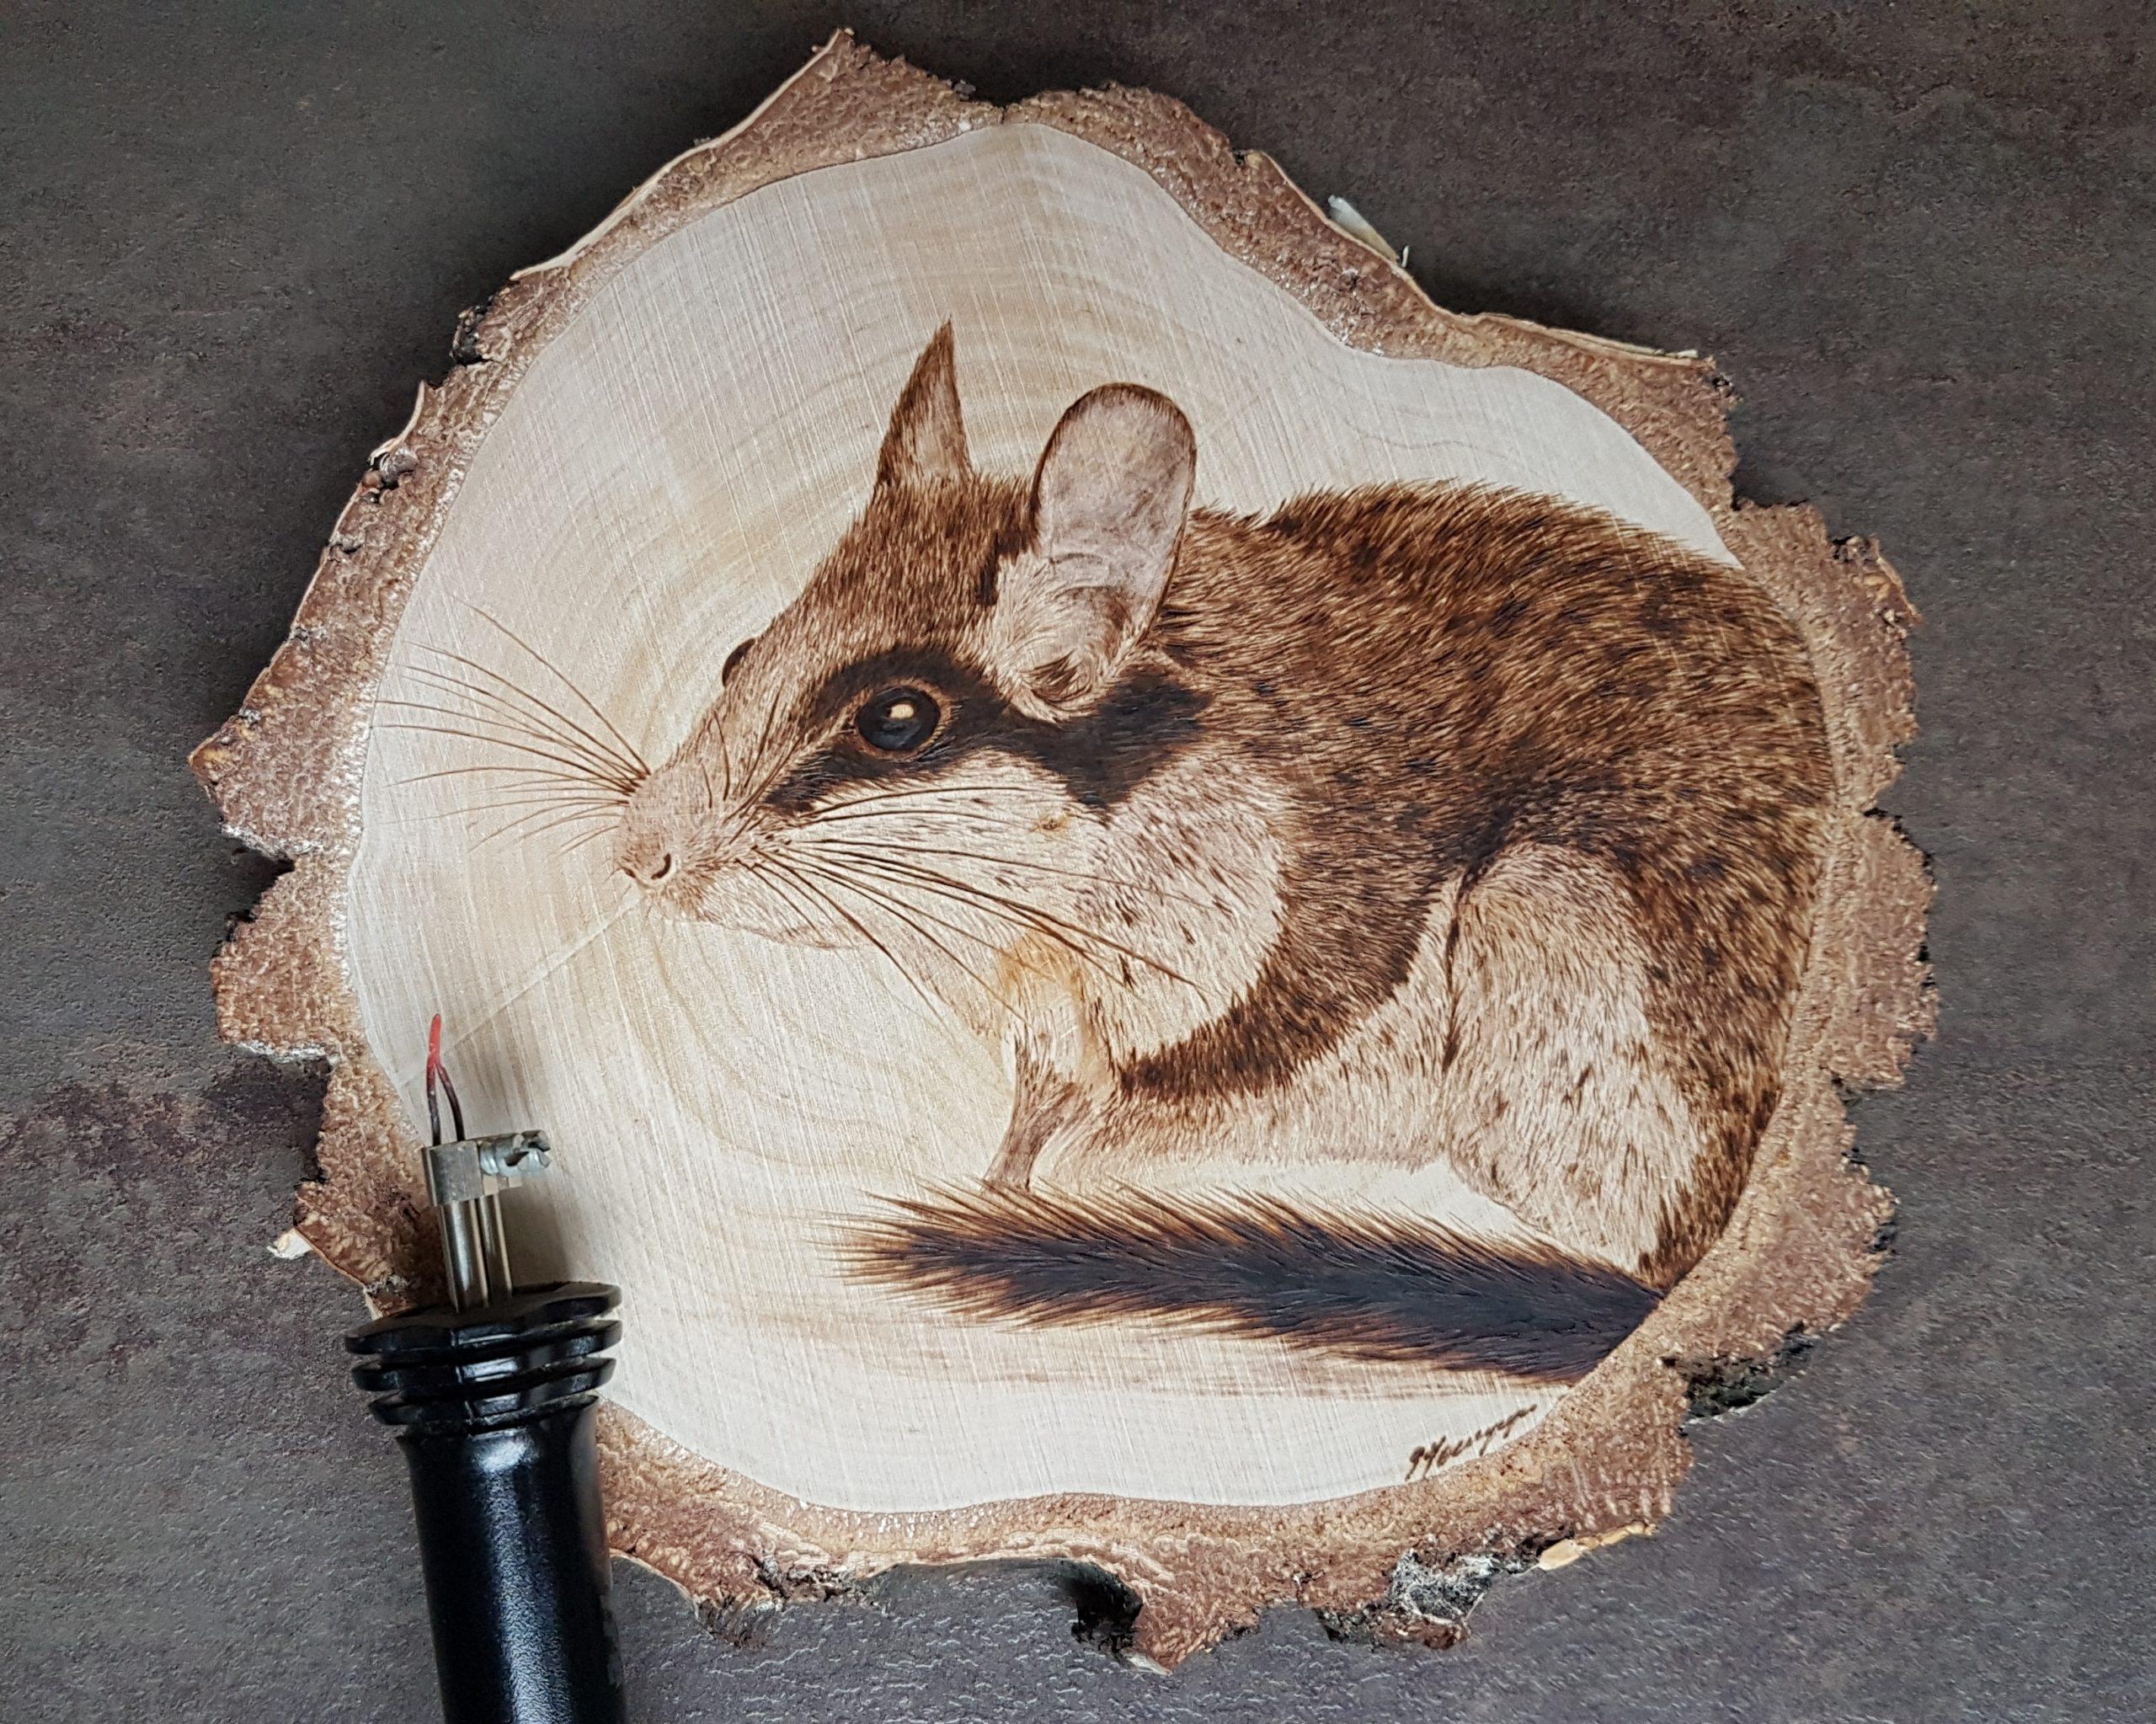 wypalanie w drewnie, sylwia, pirografia, janczyszyn, pyrography, handmade, rękodzieło, pomysł na prezent, żołędnica